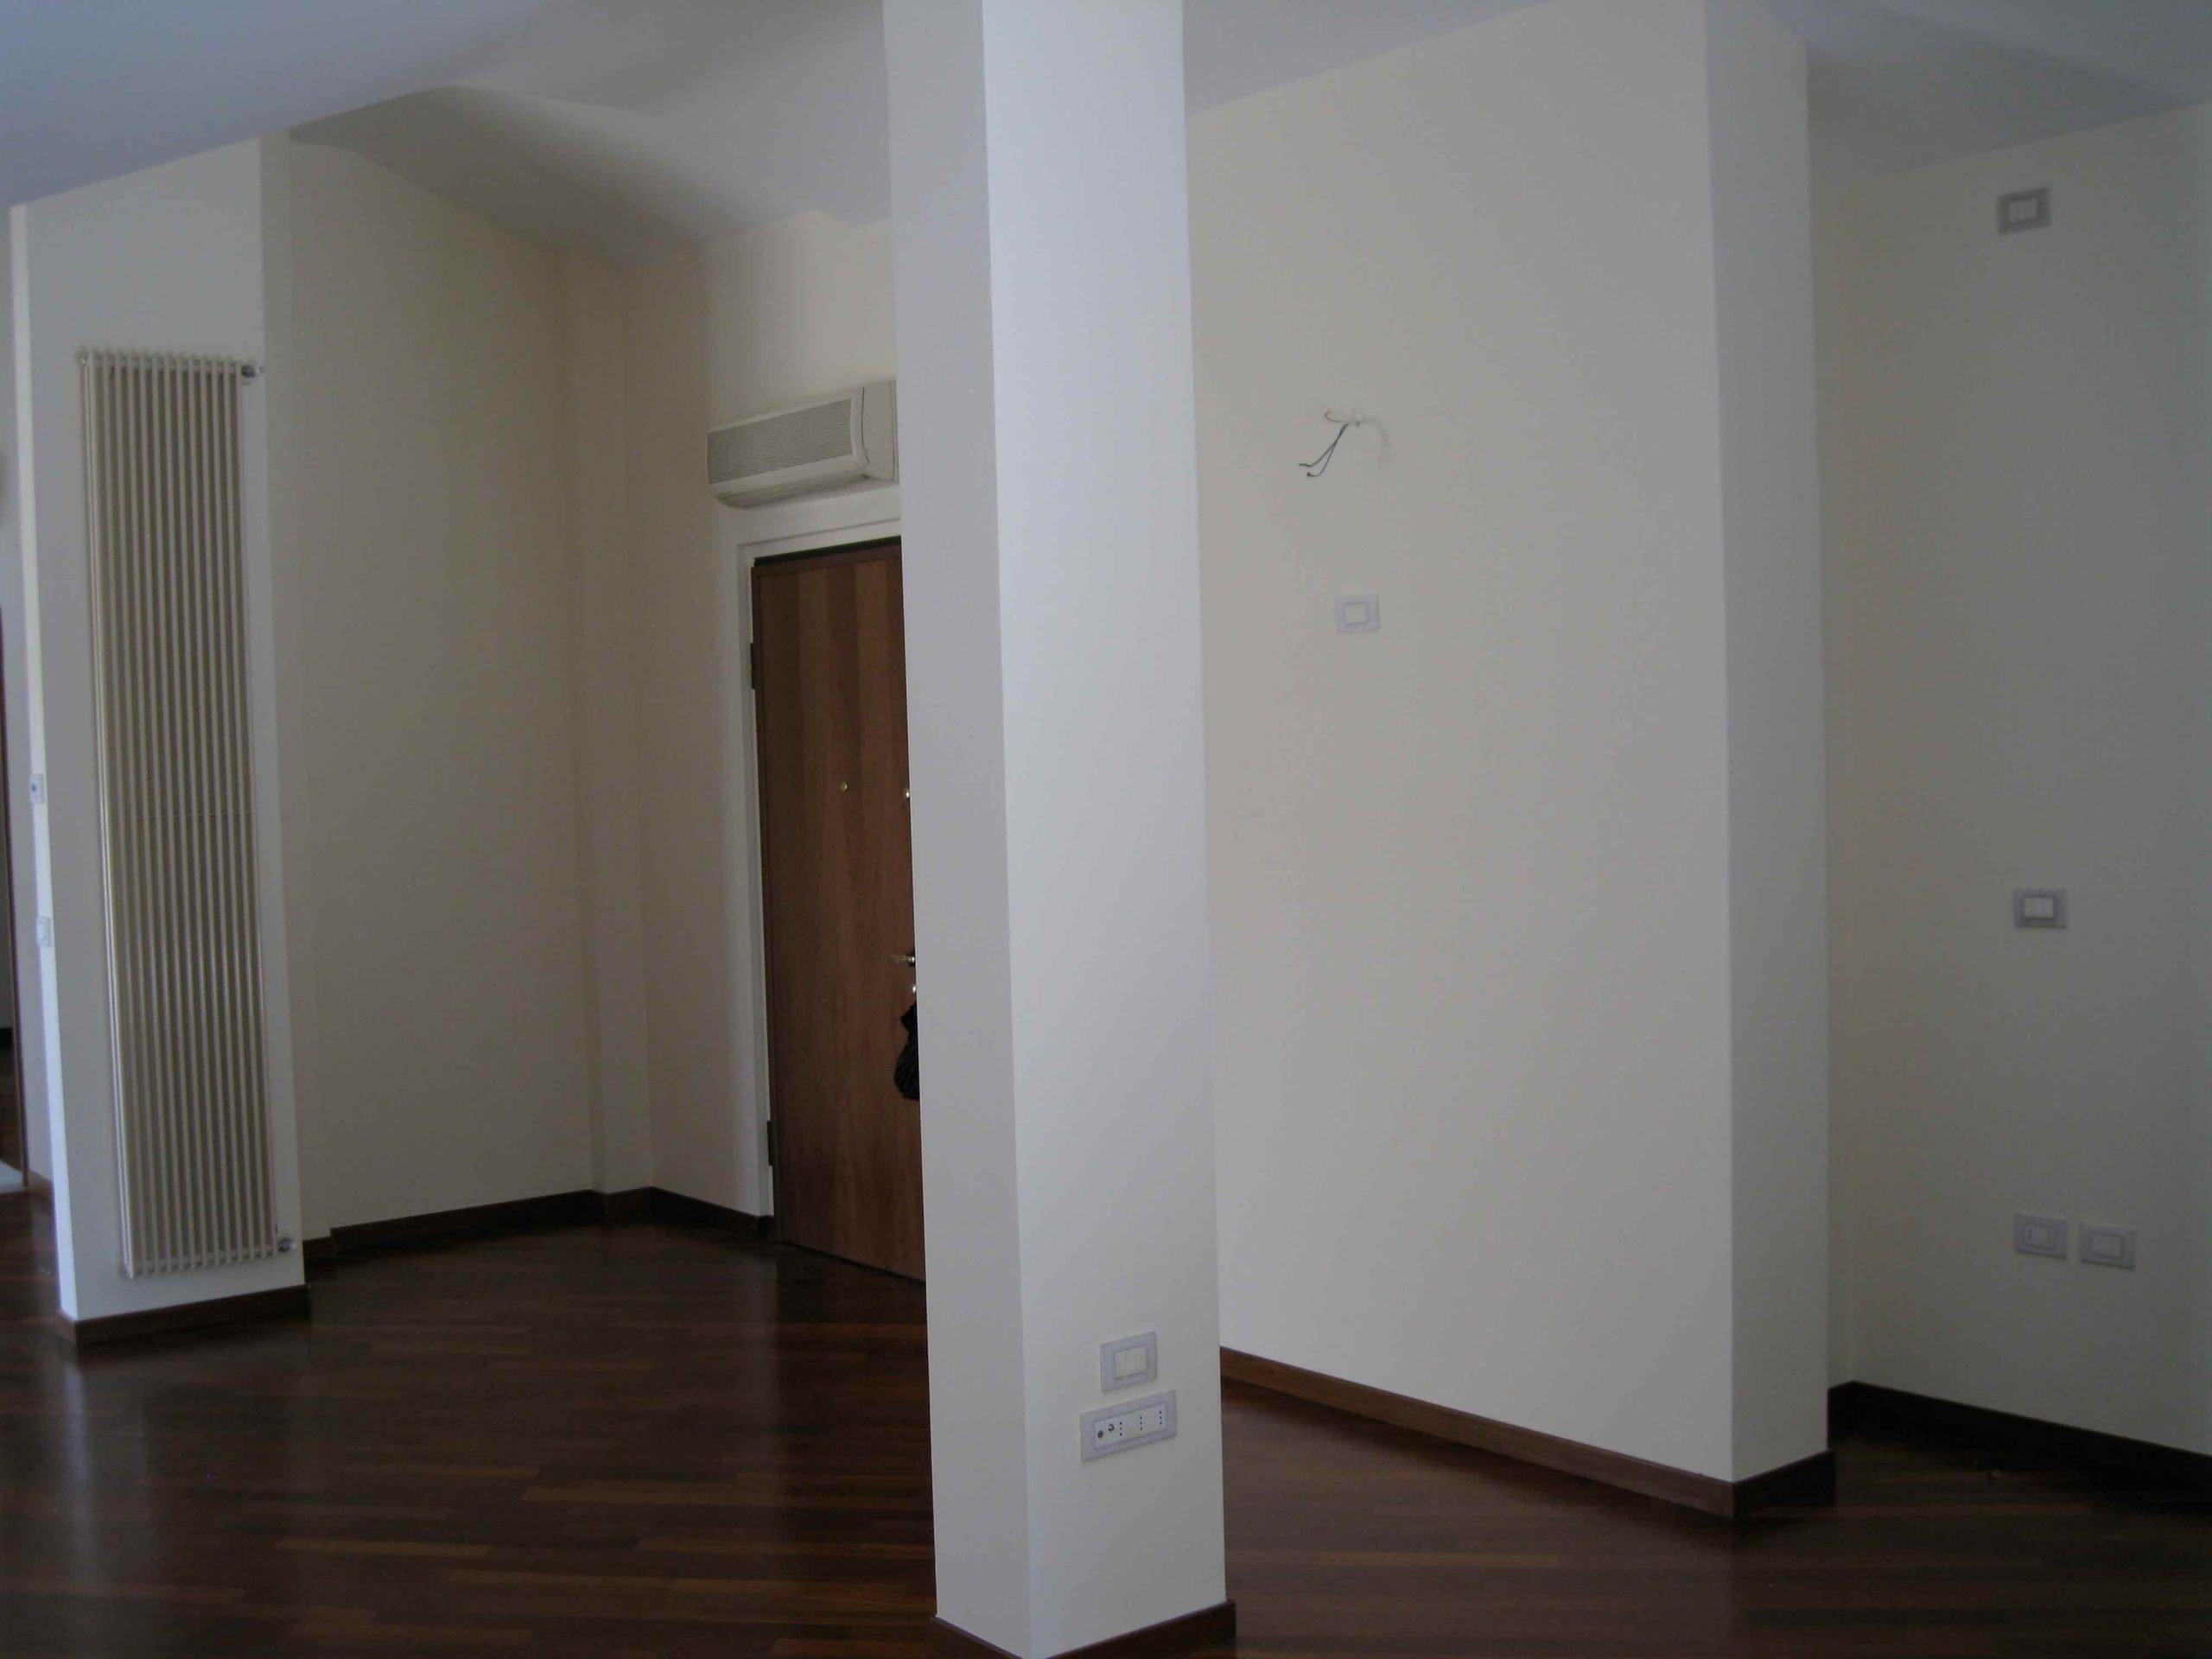 Rovere Grigio verde ristrutturazioni interni 9